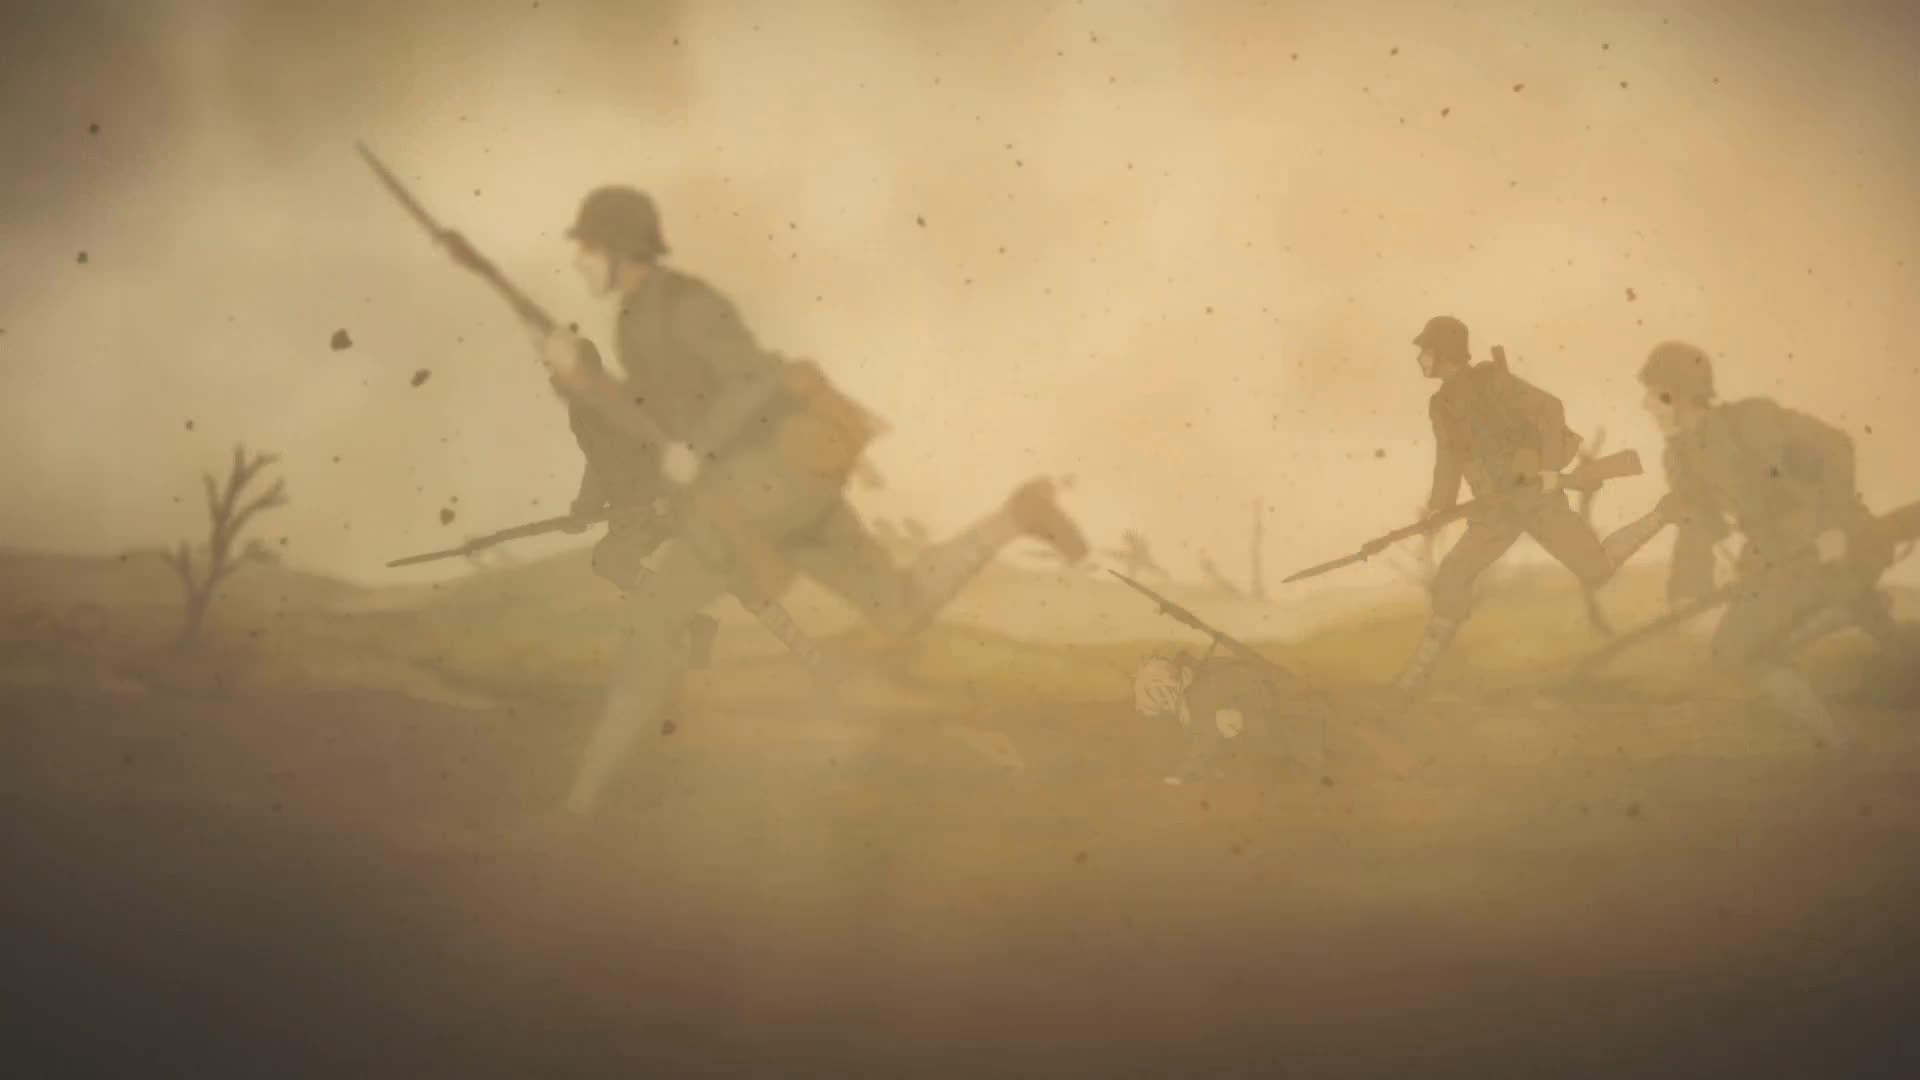 violet evergarden, Battlefield GIFs